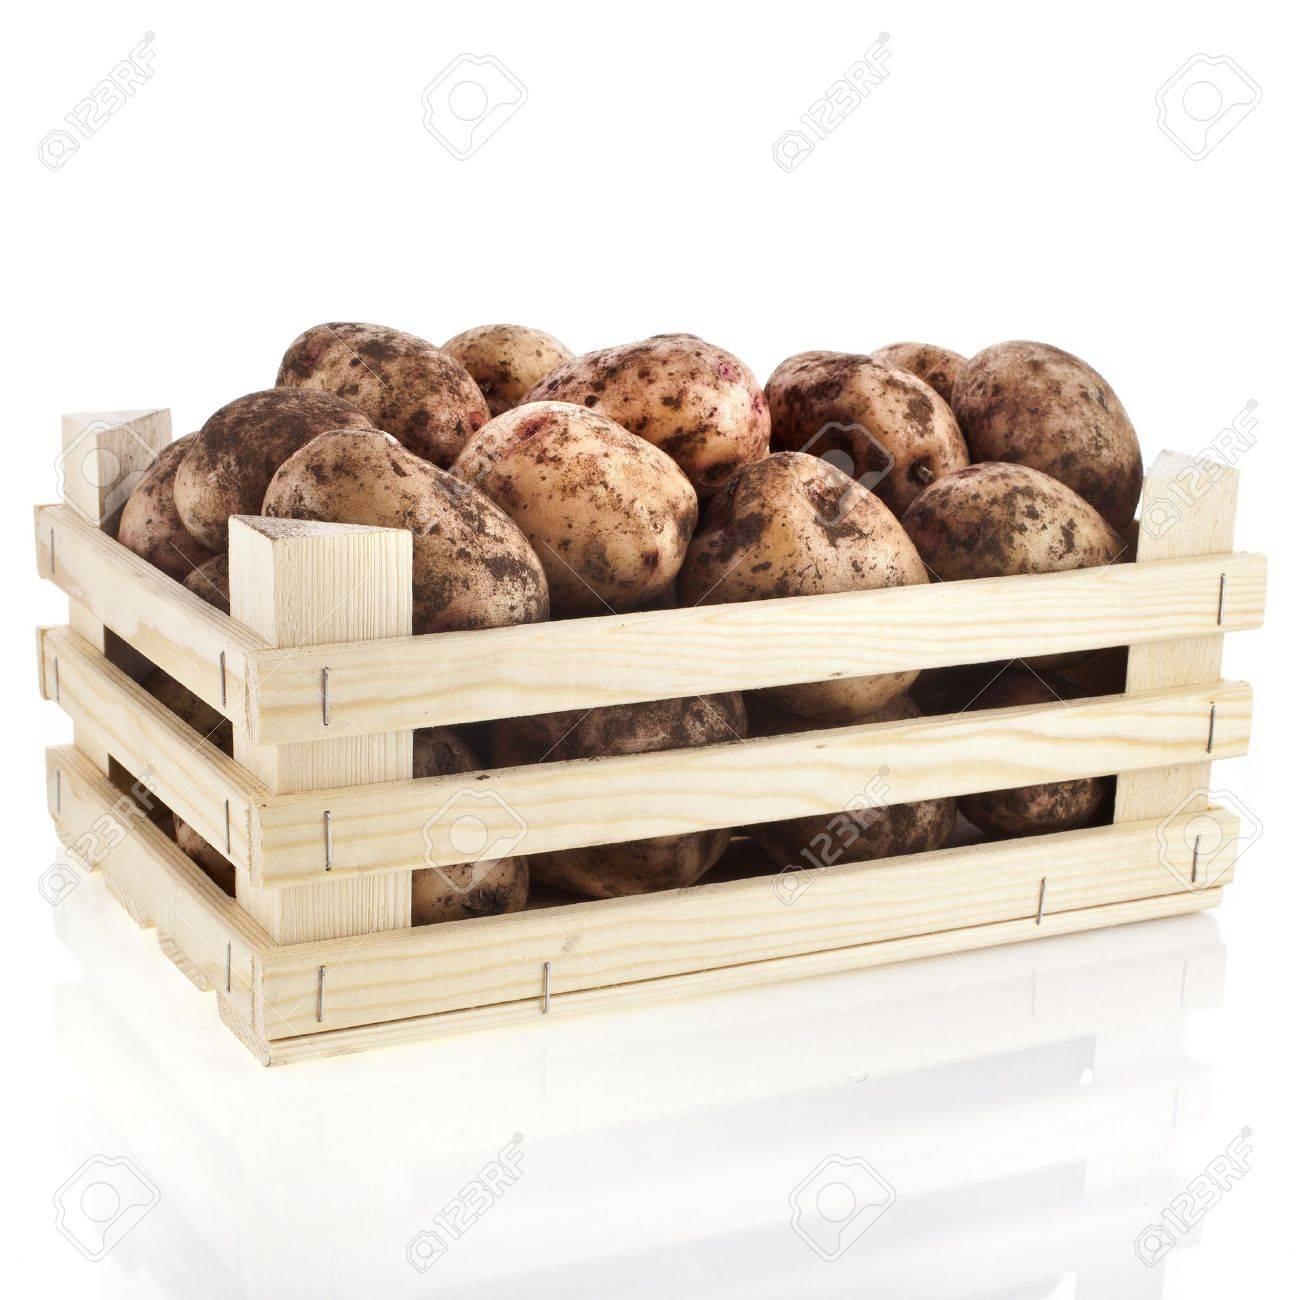 Prix Caisse A Pomme jeunes pommes de terre dans une caisse boîte en bois isolé sur blanc